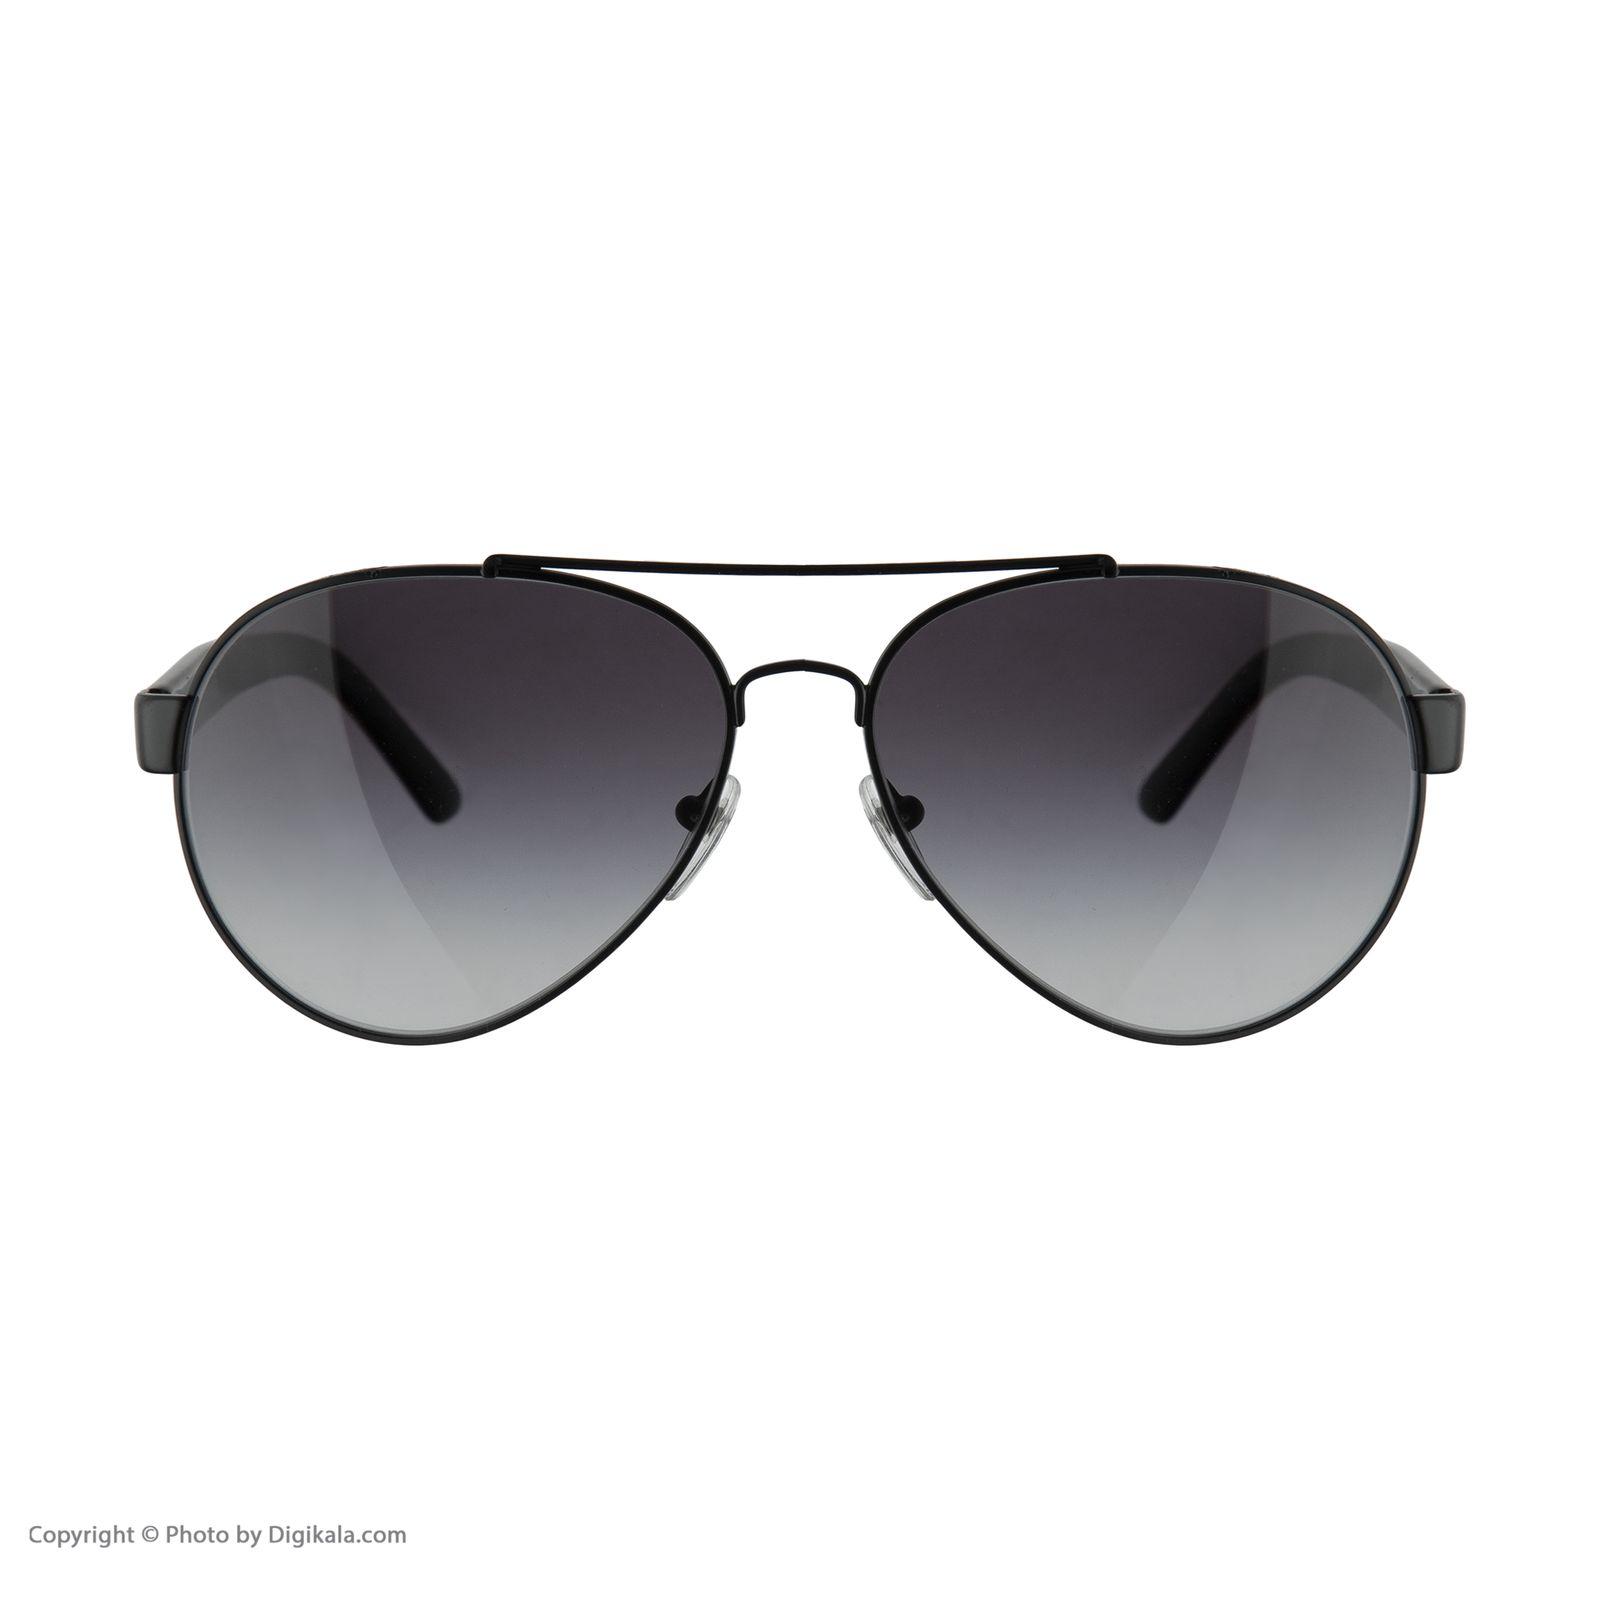 عینک آفتابی زنانه بربری مدل BE 3086S 1007S6 59 -  - 3